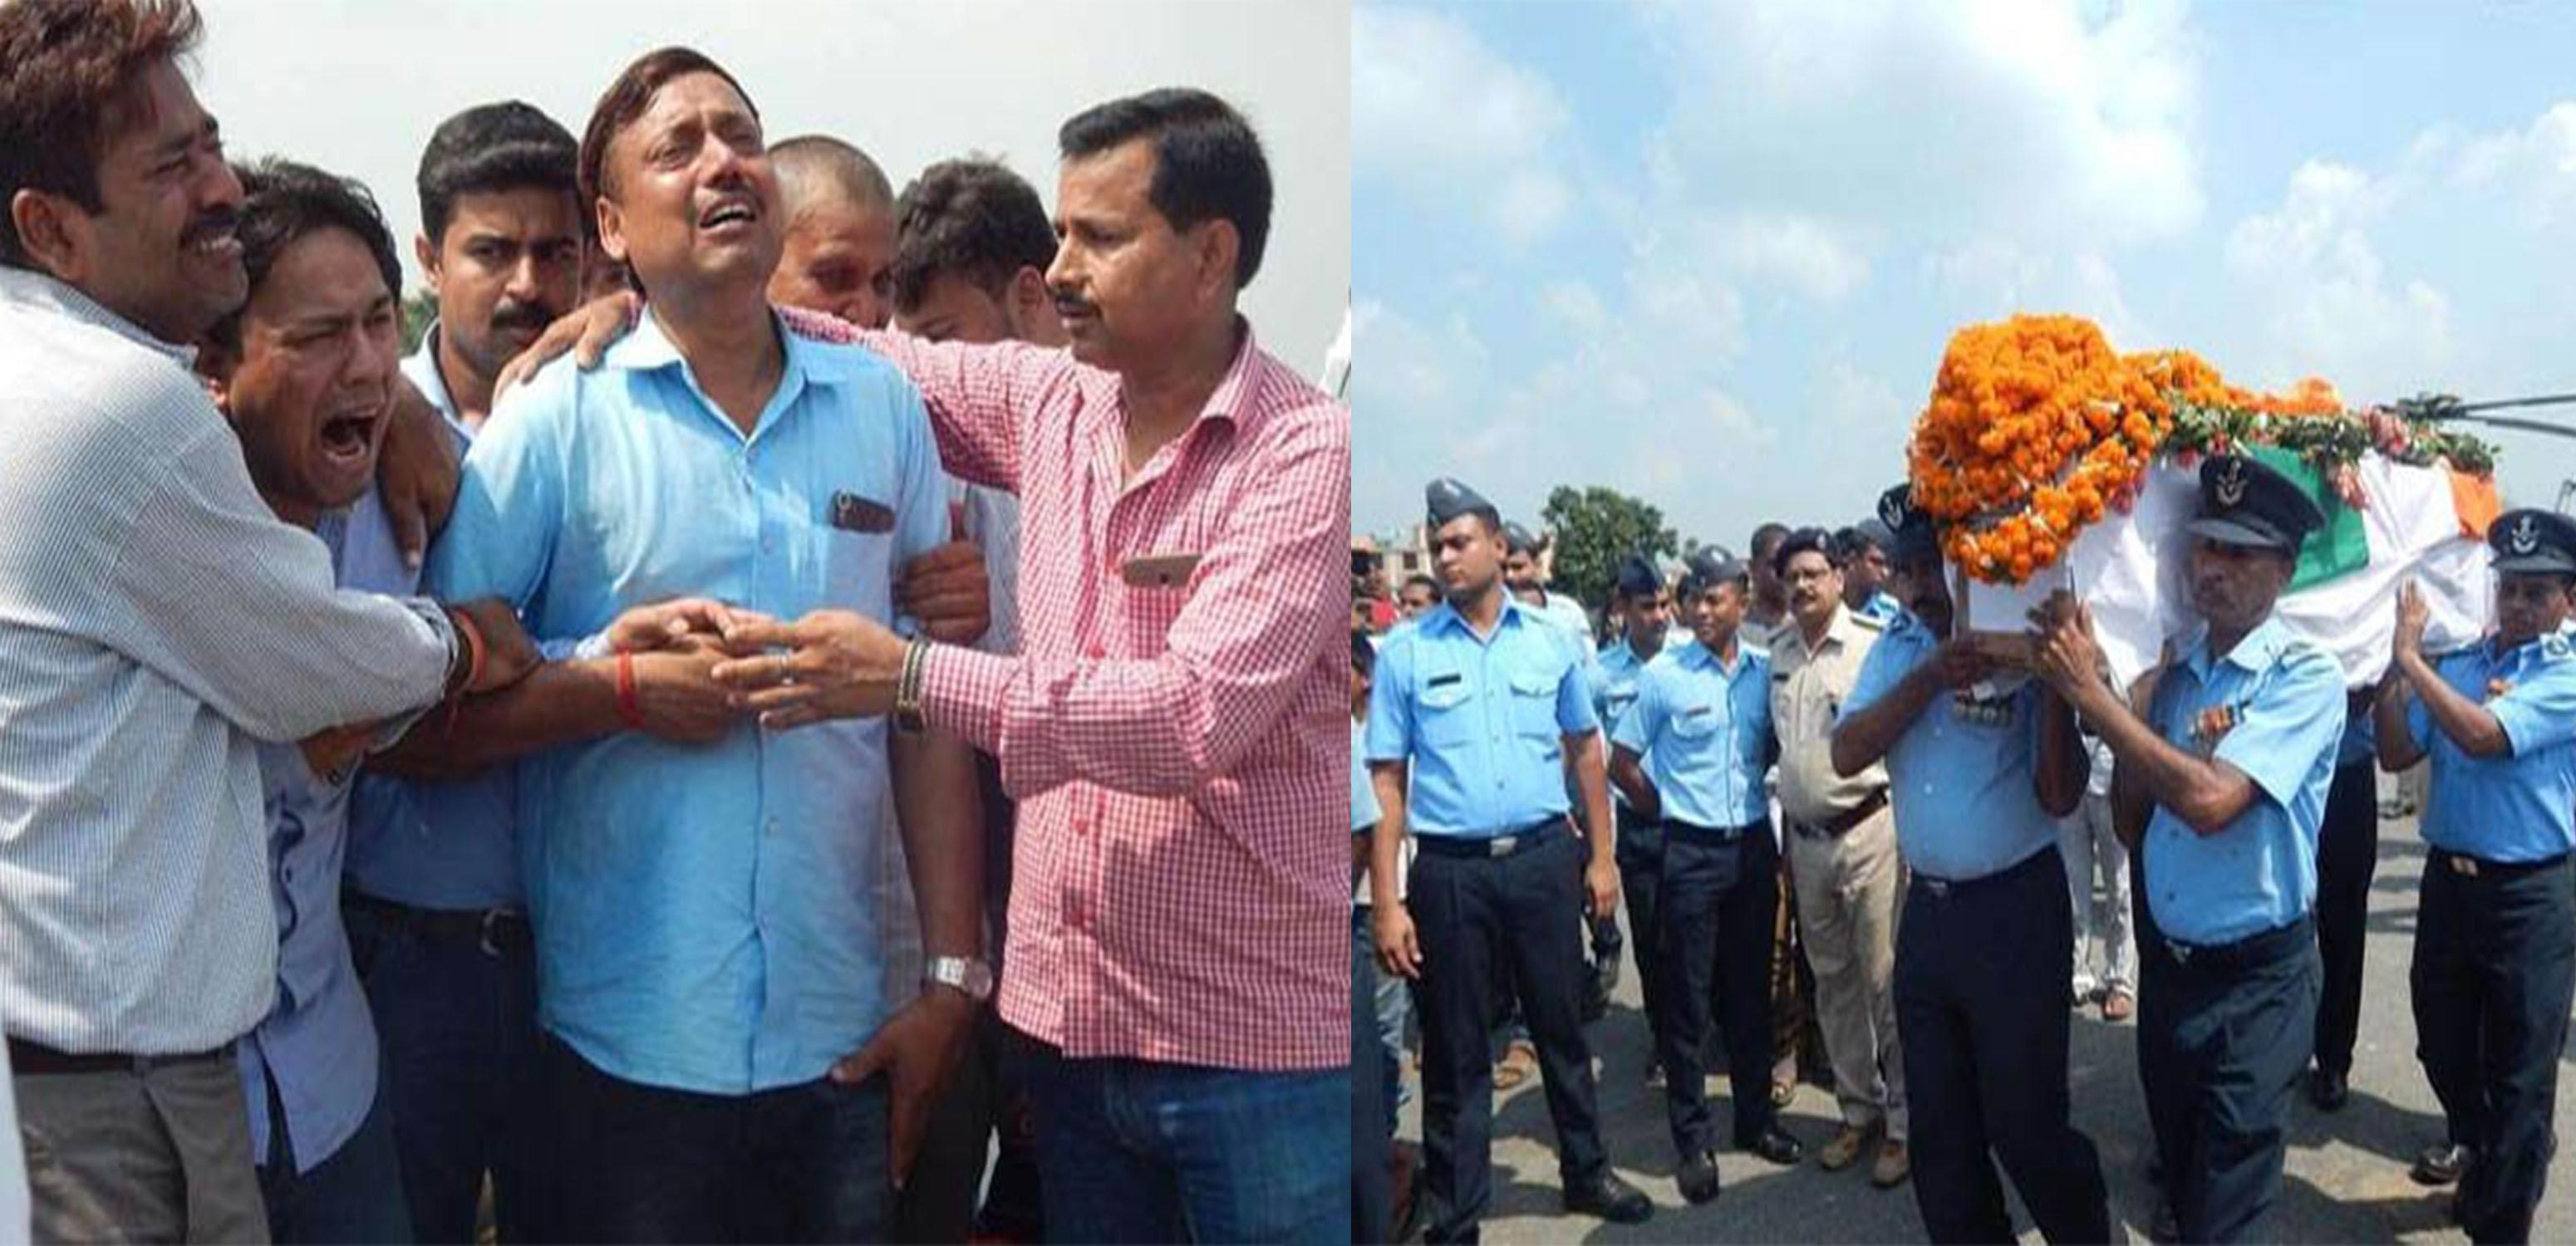 saheed officer AK Singh